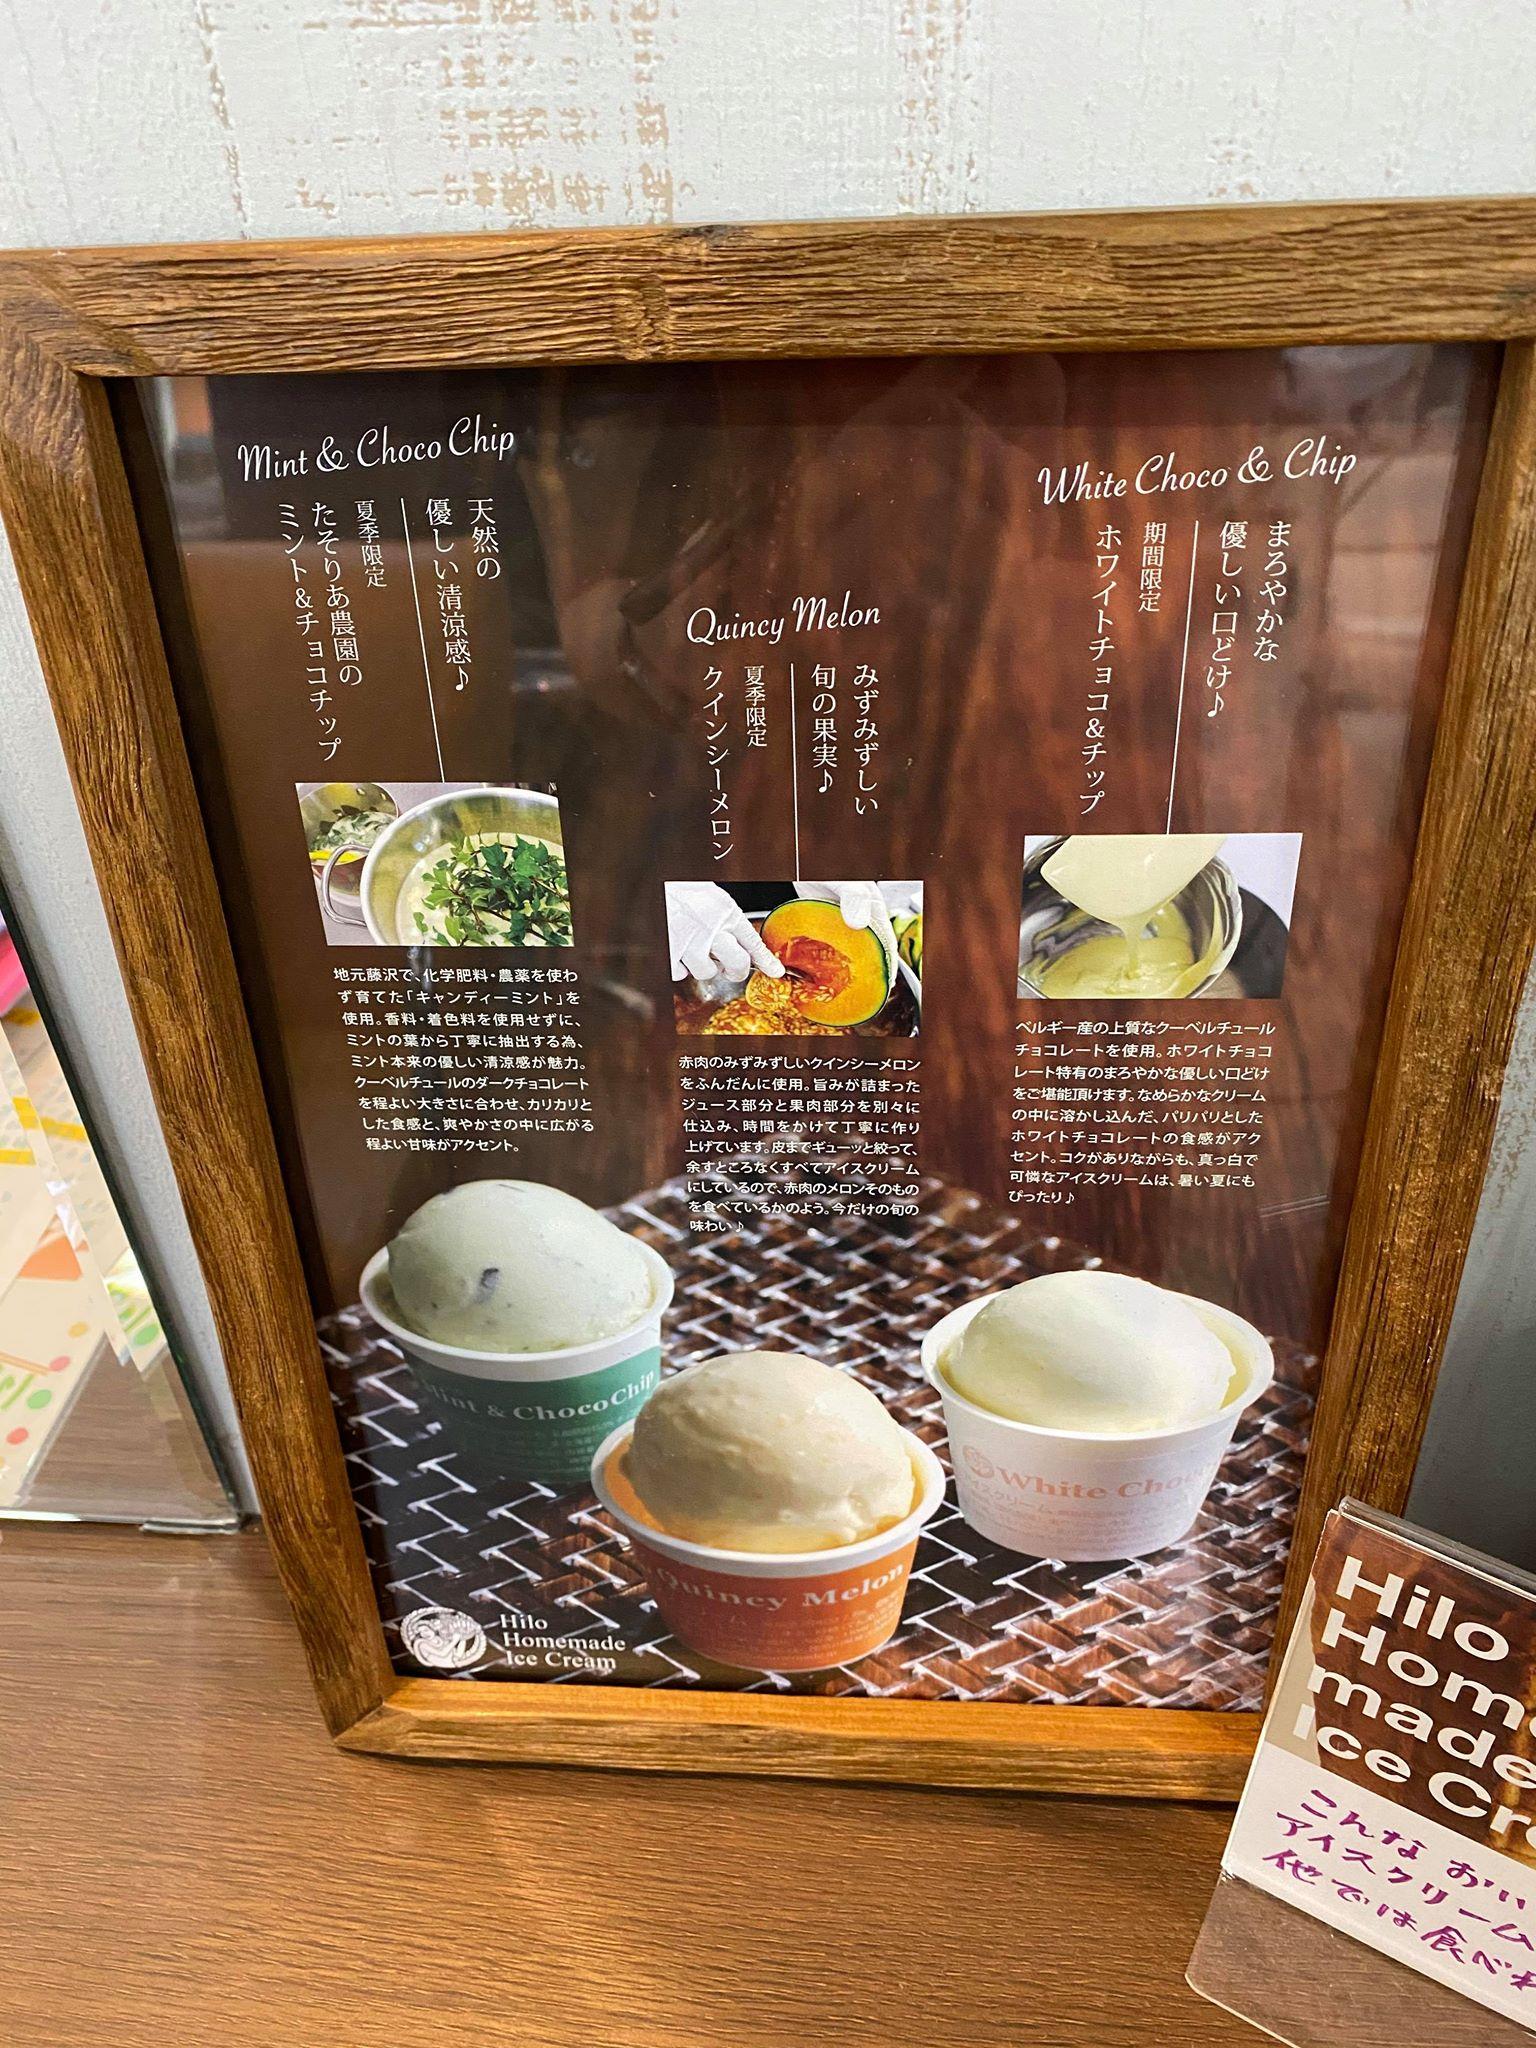 期間限定アイス登場!【クインシーメロン】【 ホワイトチョコ&チップ】【他】